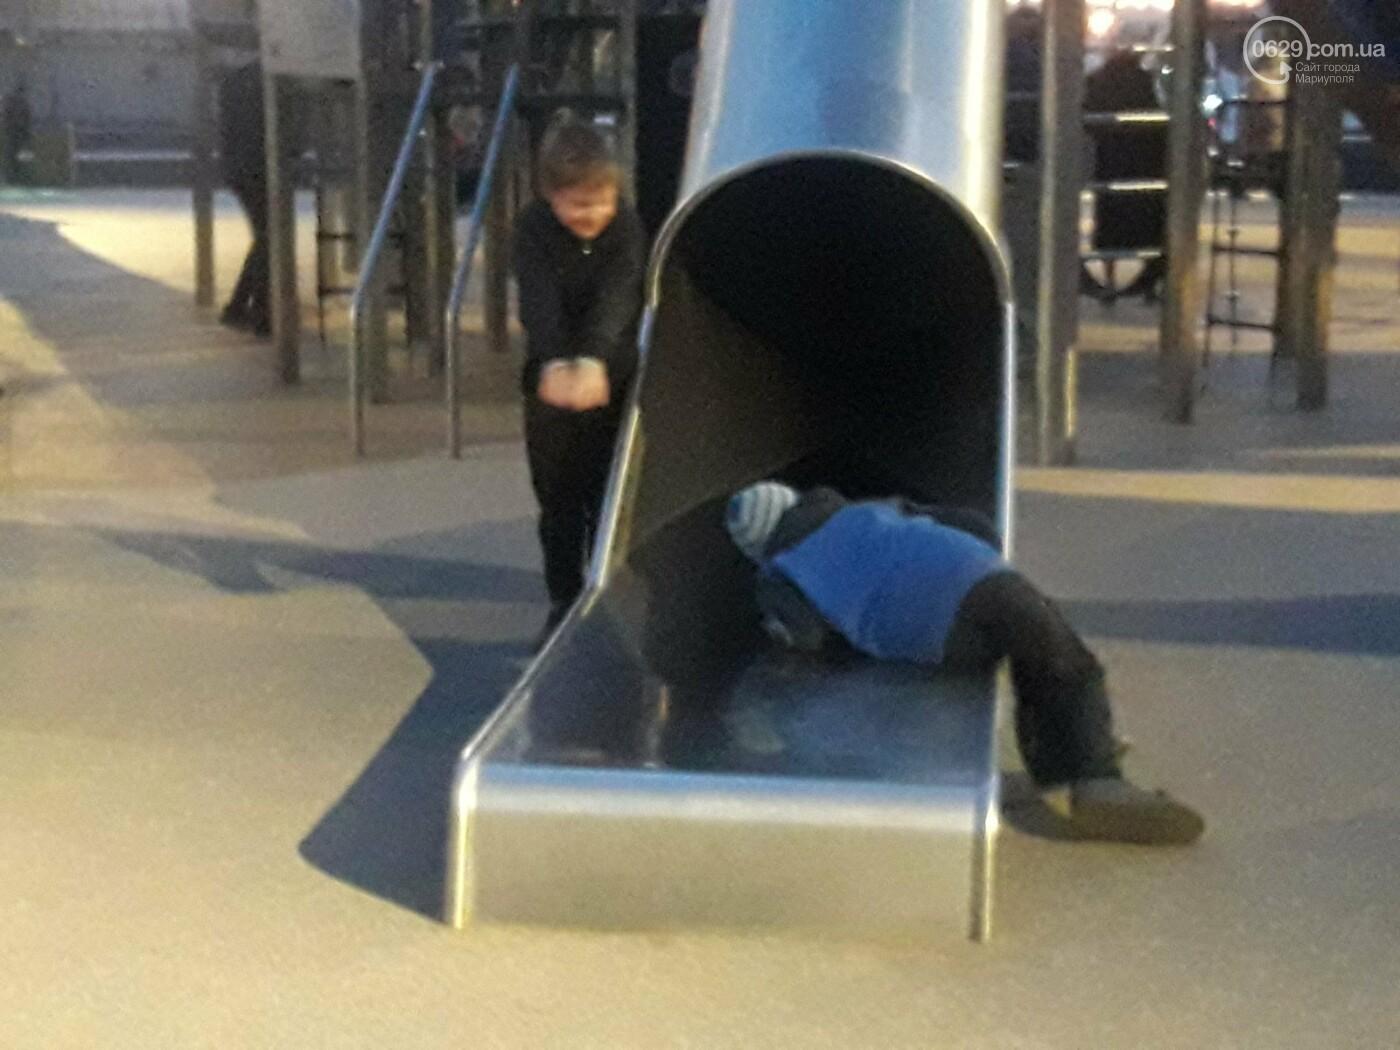 В Мариуполе в парке Гурова на детской площадке травмировался ребенок, - ФОТО, фото-10